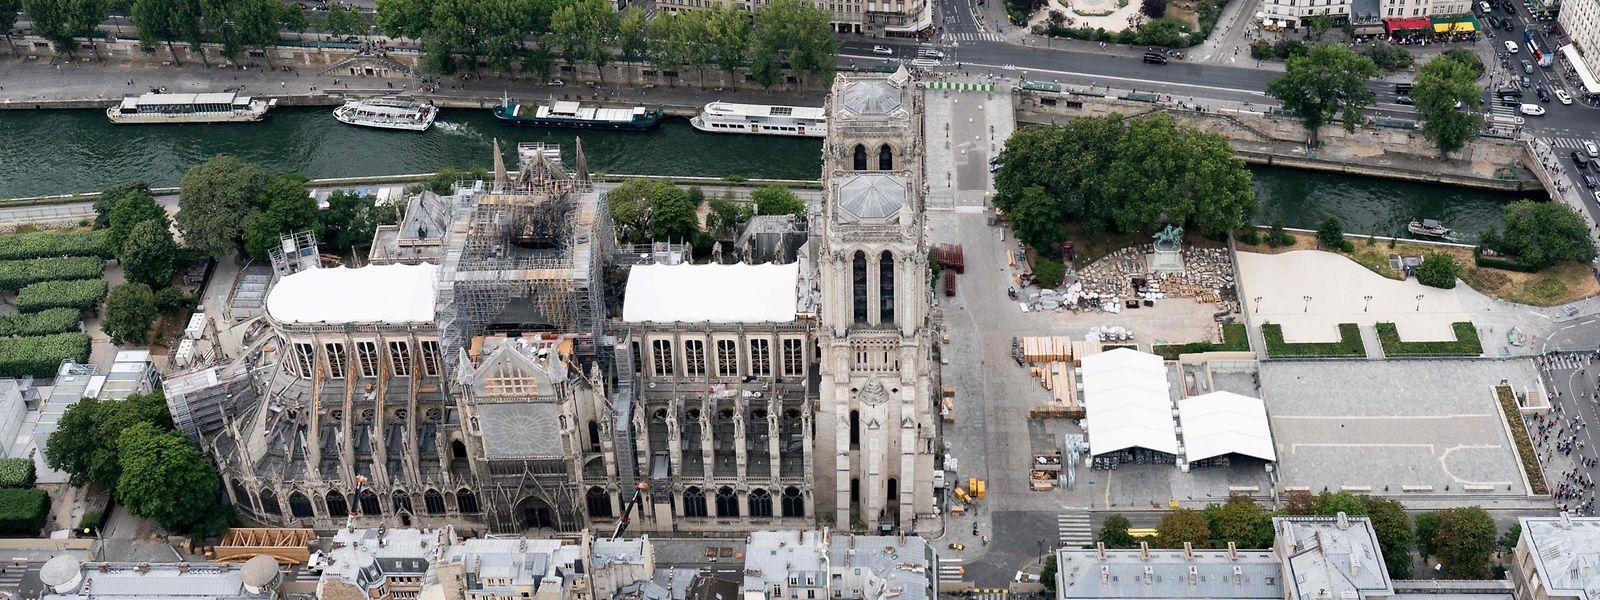 Quatre mois après l'incendie, le chantier de Notre-Dame doit reprendre le 12 août, non sans de nouvelles mesures de protection des riverains et des personnels travaillant sur le site.